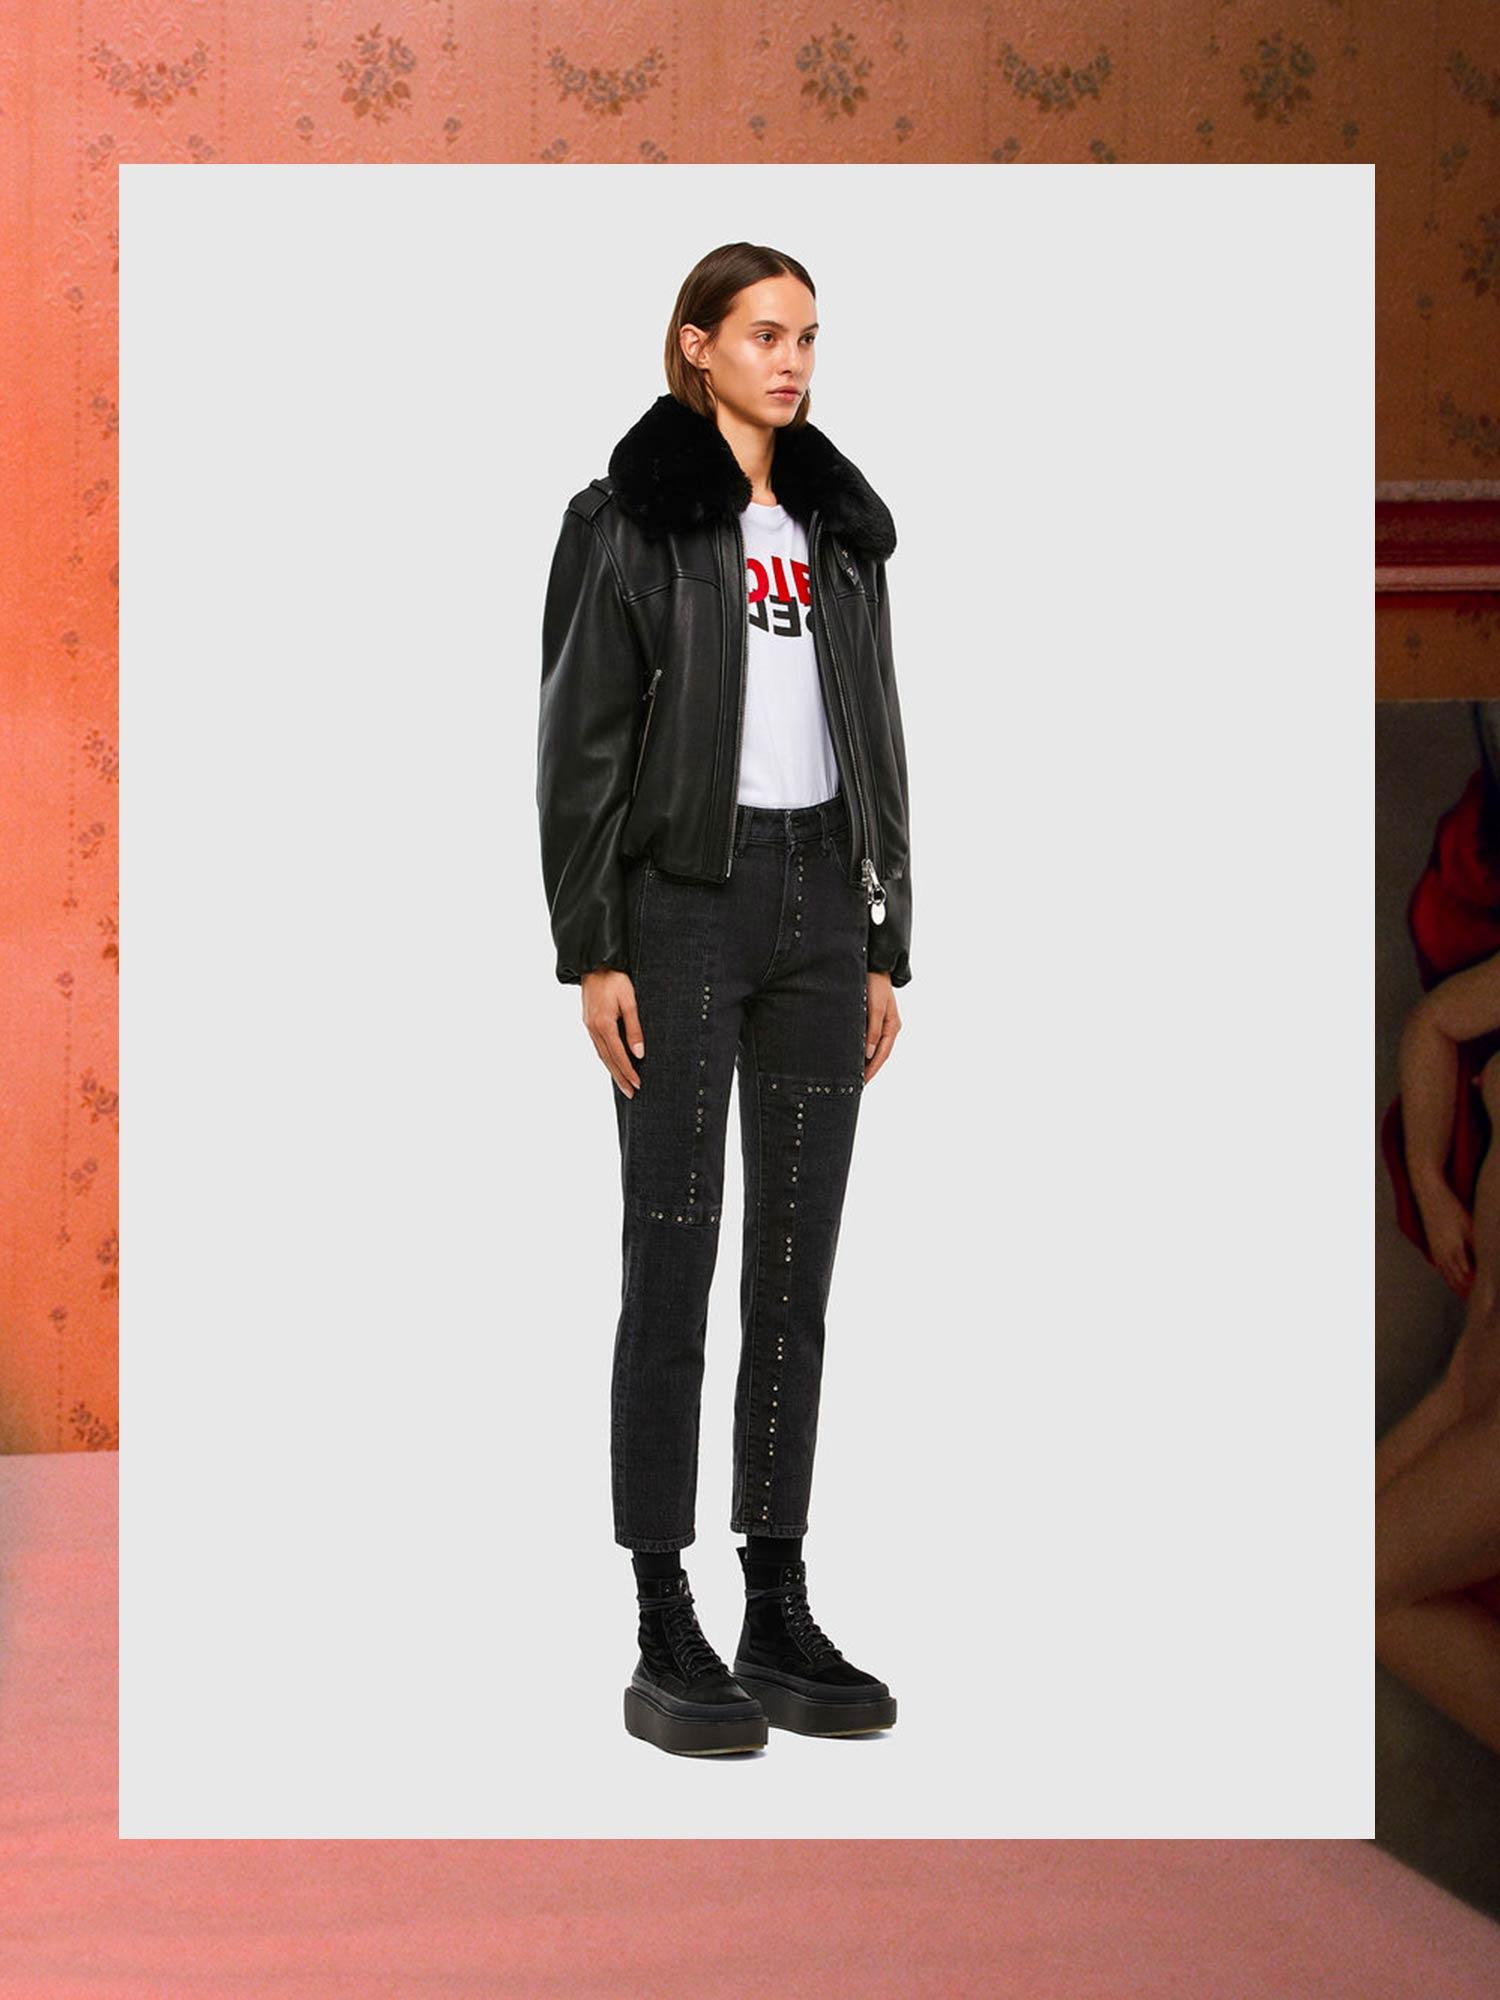 Diesel Jeans Slim Fit: D-Joy | Shop Now on Diesel.com